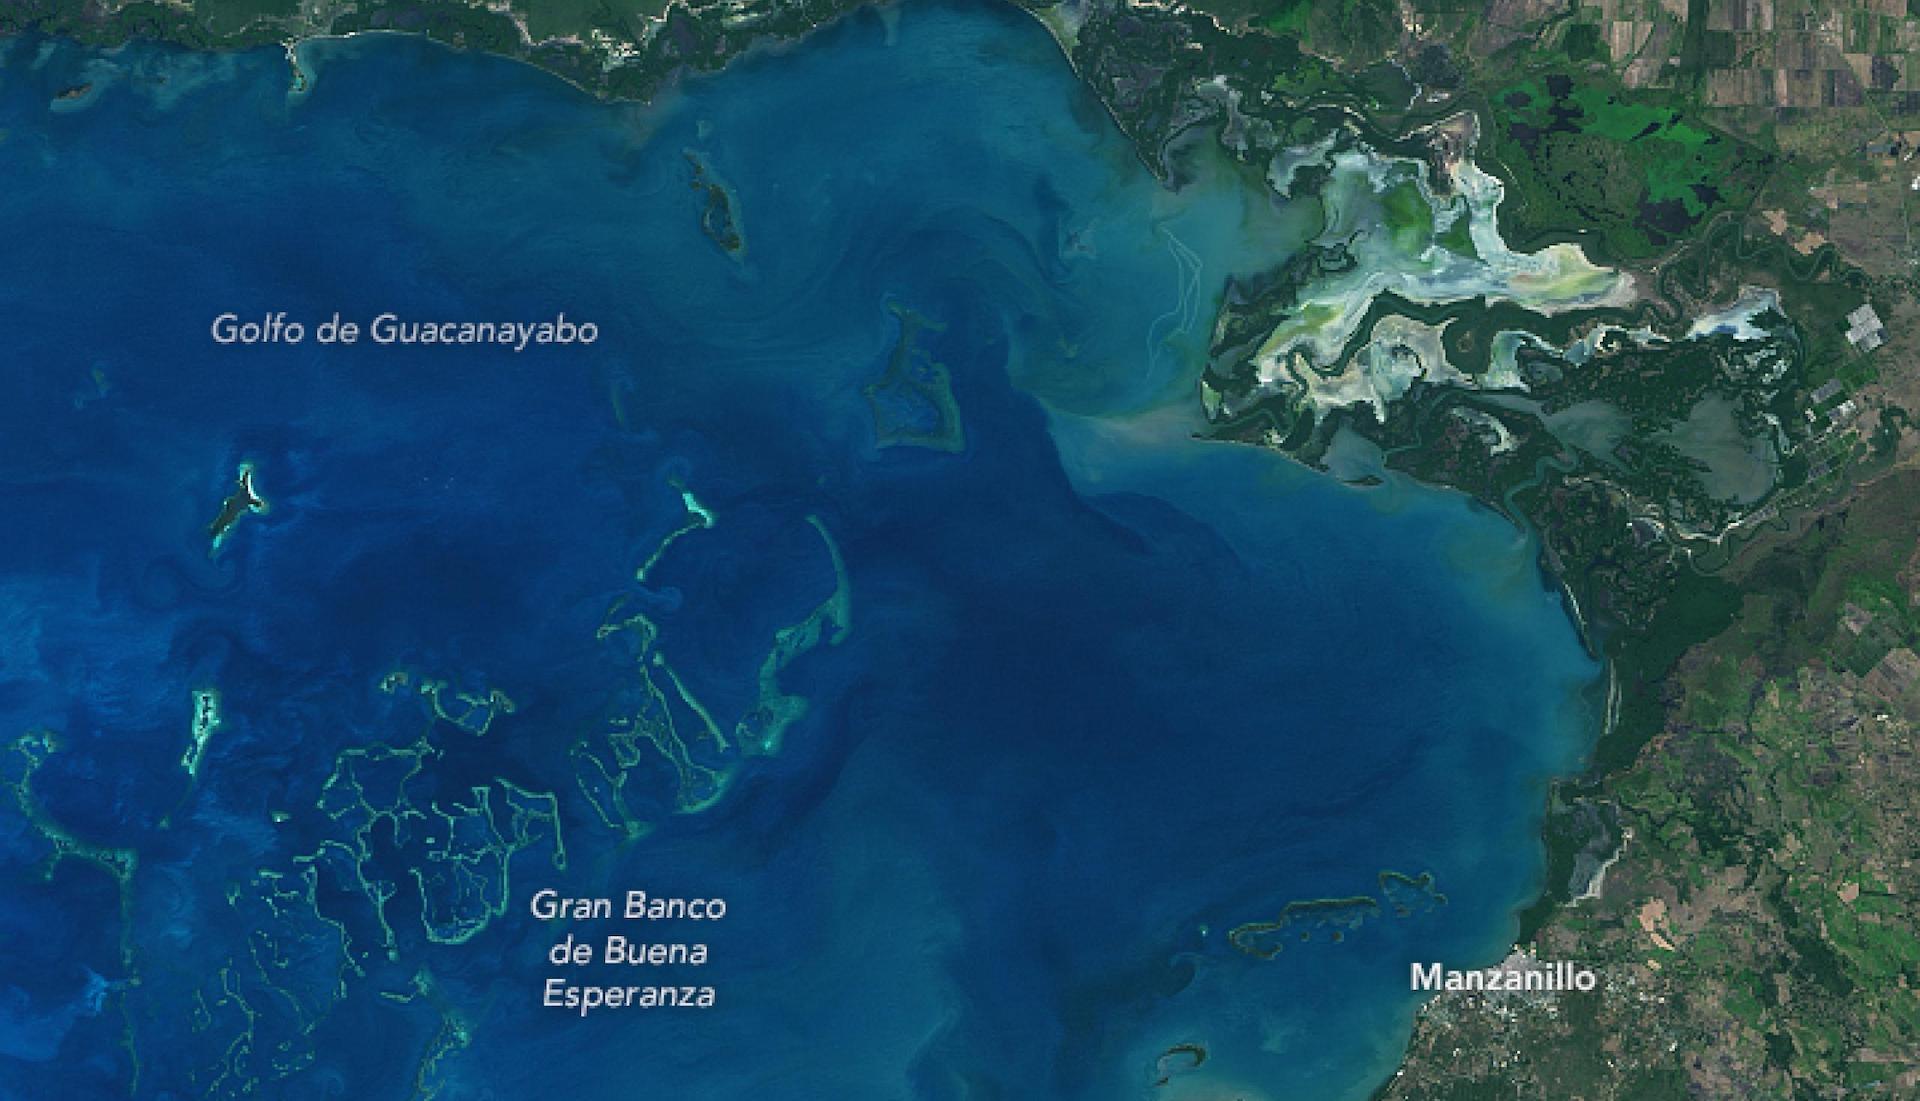 Destino Cuba: así es el Golfo de Guacanayabo, un arrecife de coral único